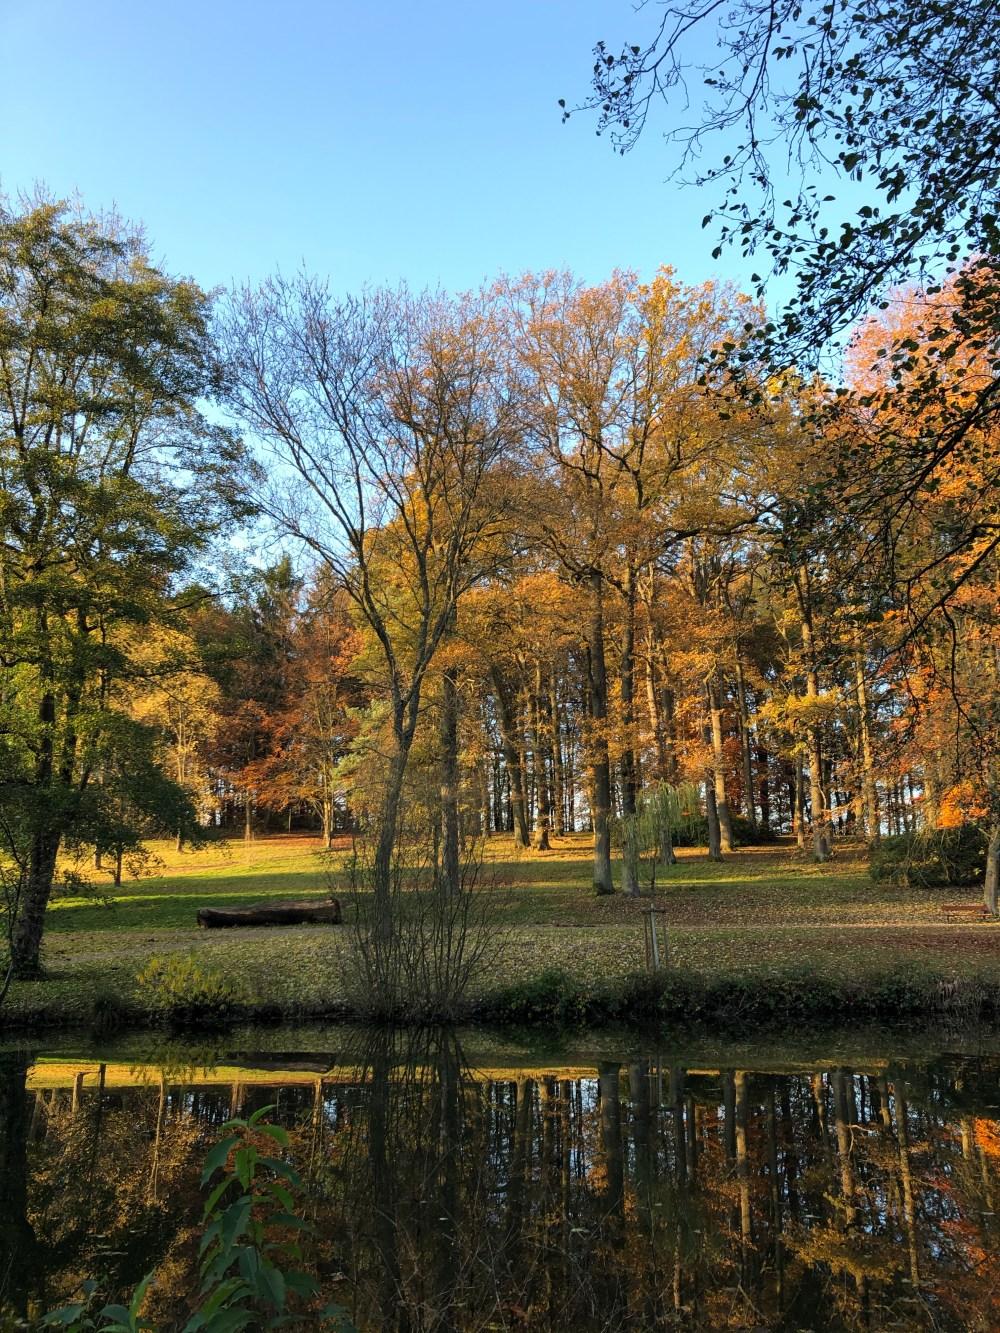 Baumreihe mit gelborange gefärbten Blättern vor einem Weiher